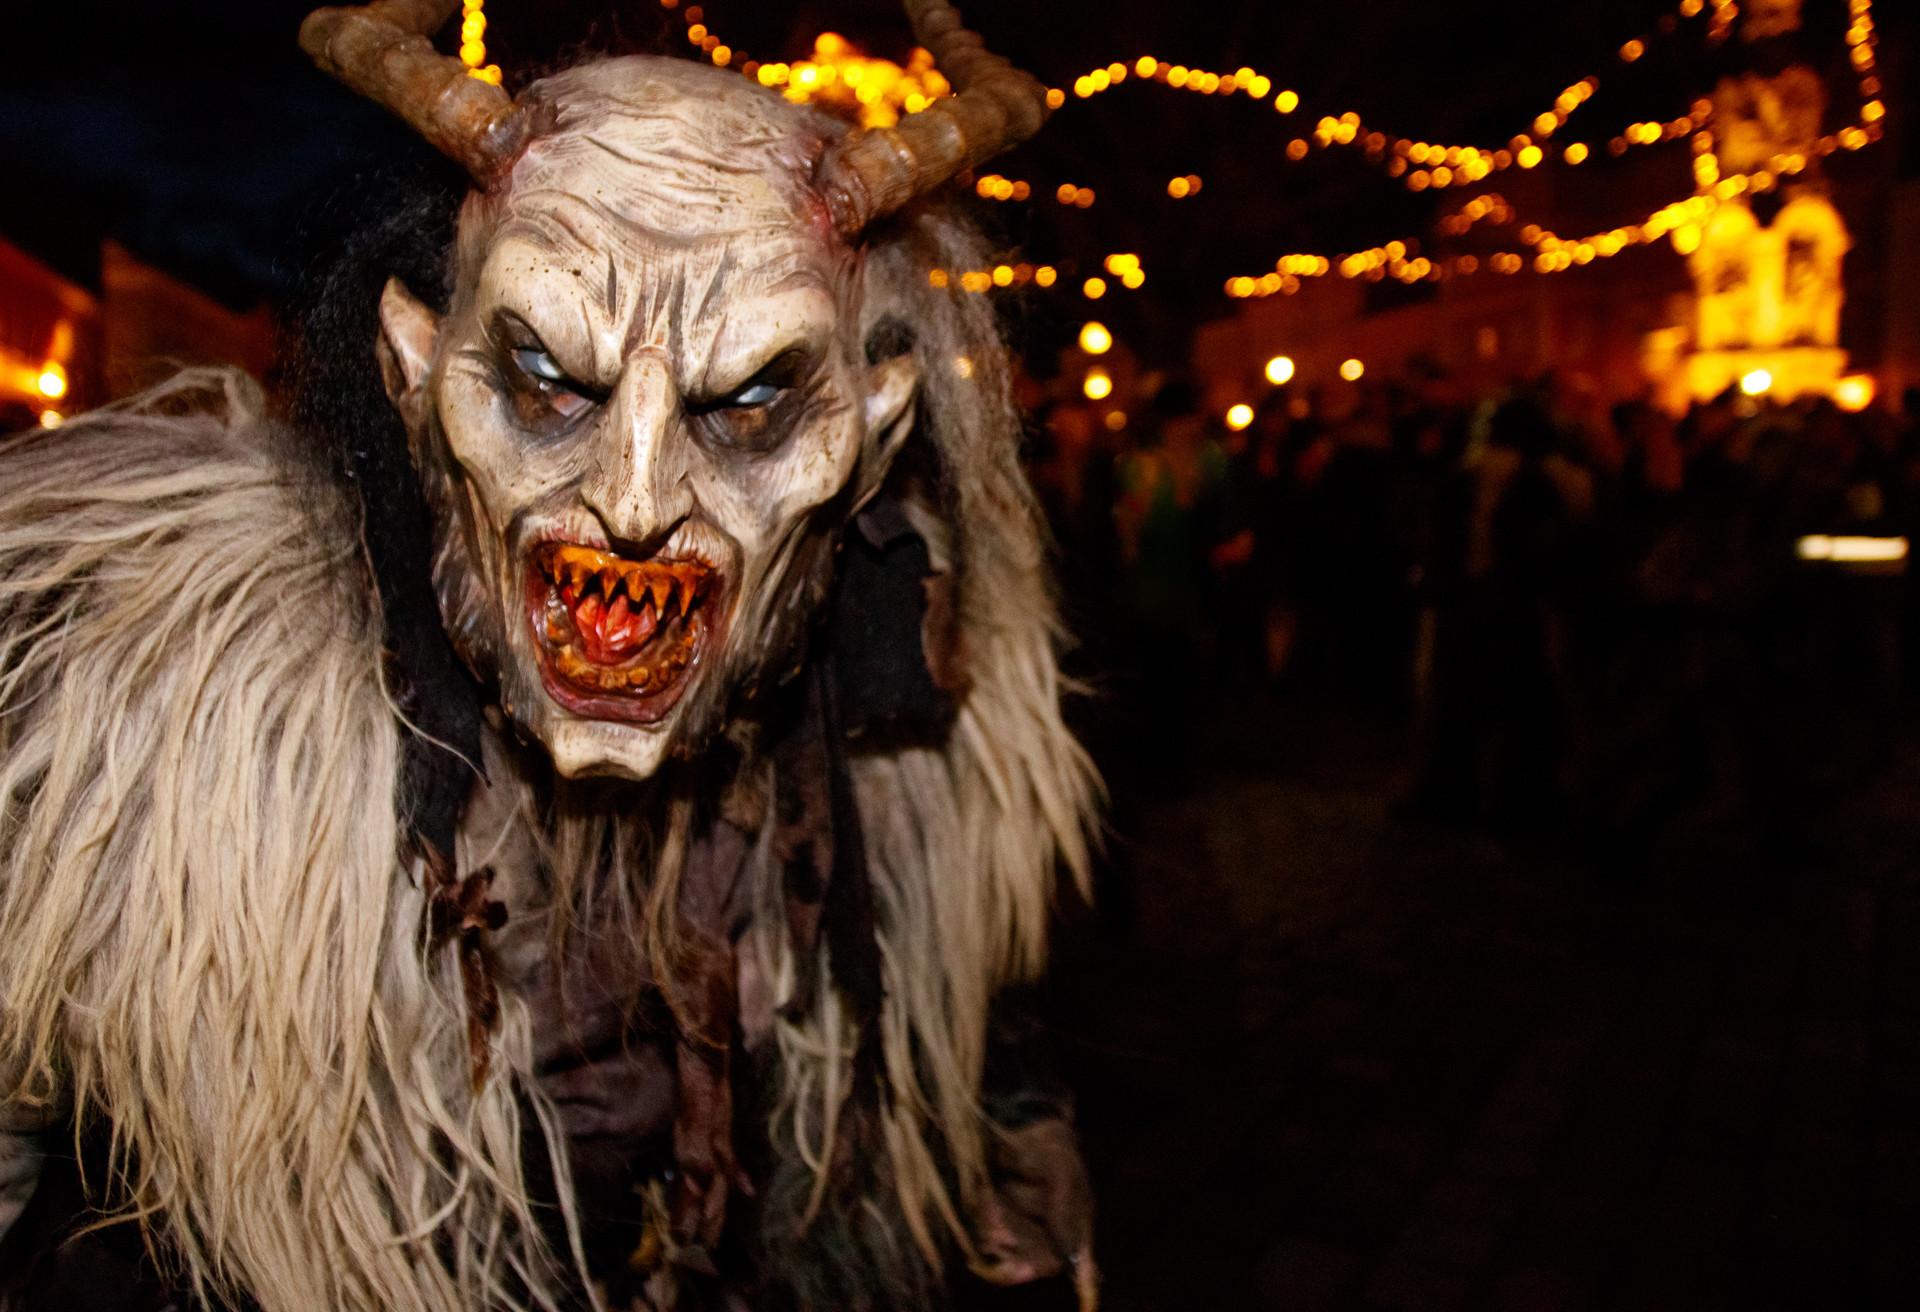 Con la misión de asustar a los niños, Krampus es de las tradiciones más aterradoras de Navidad